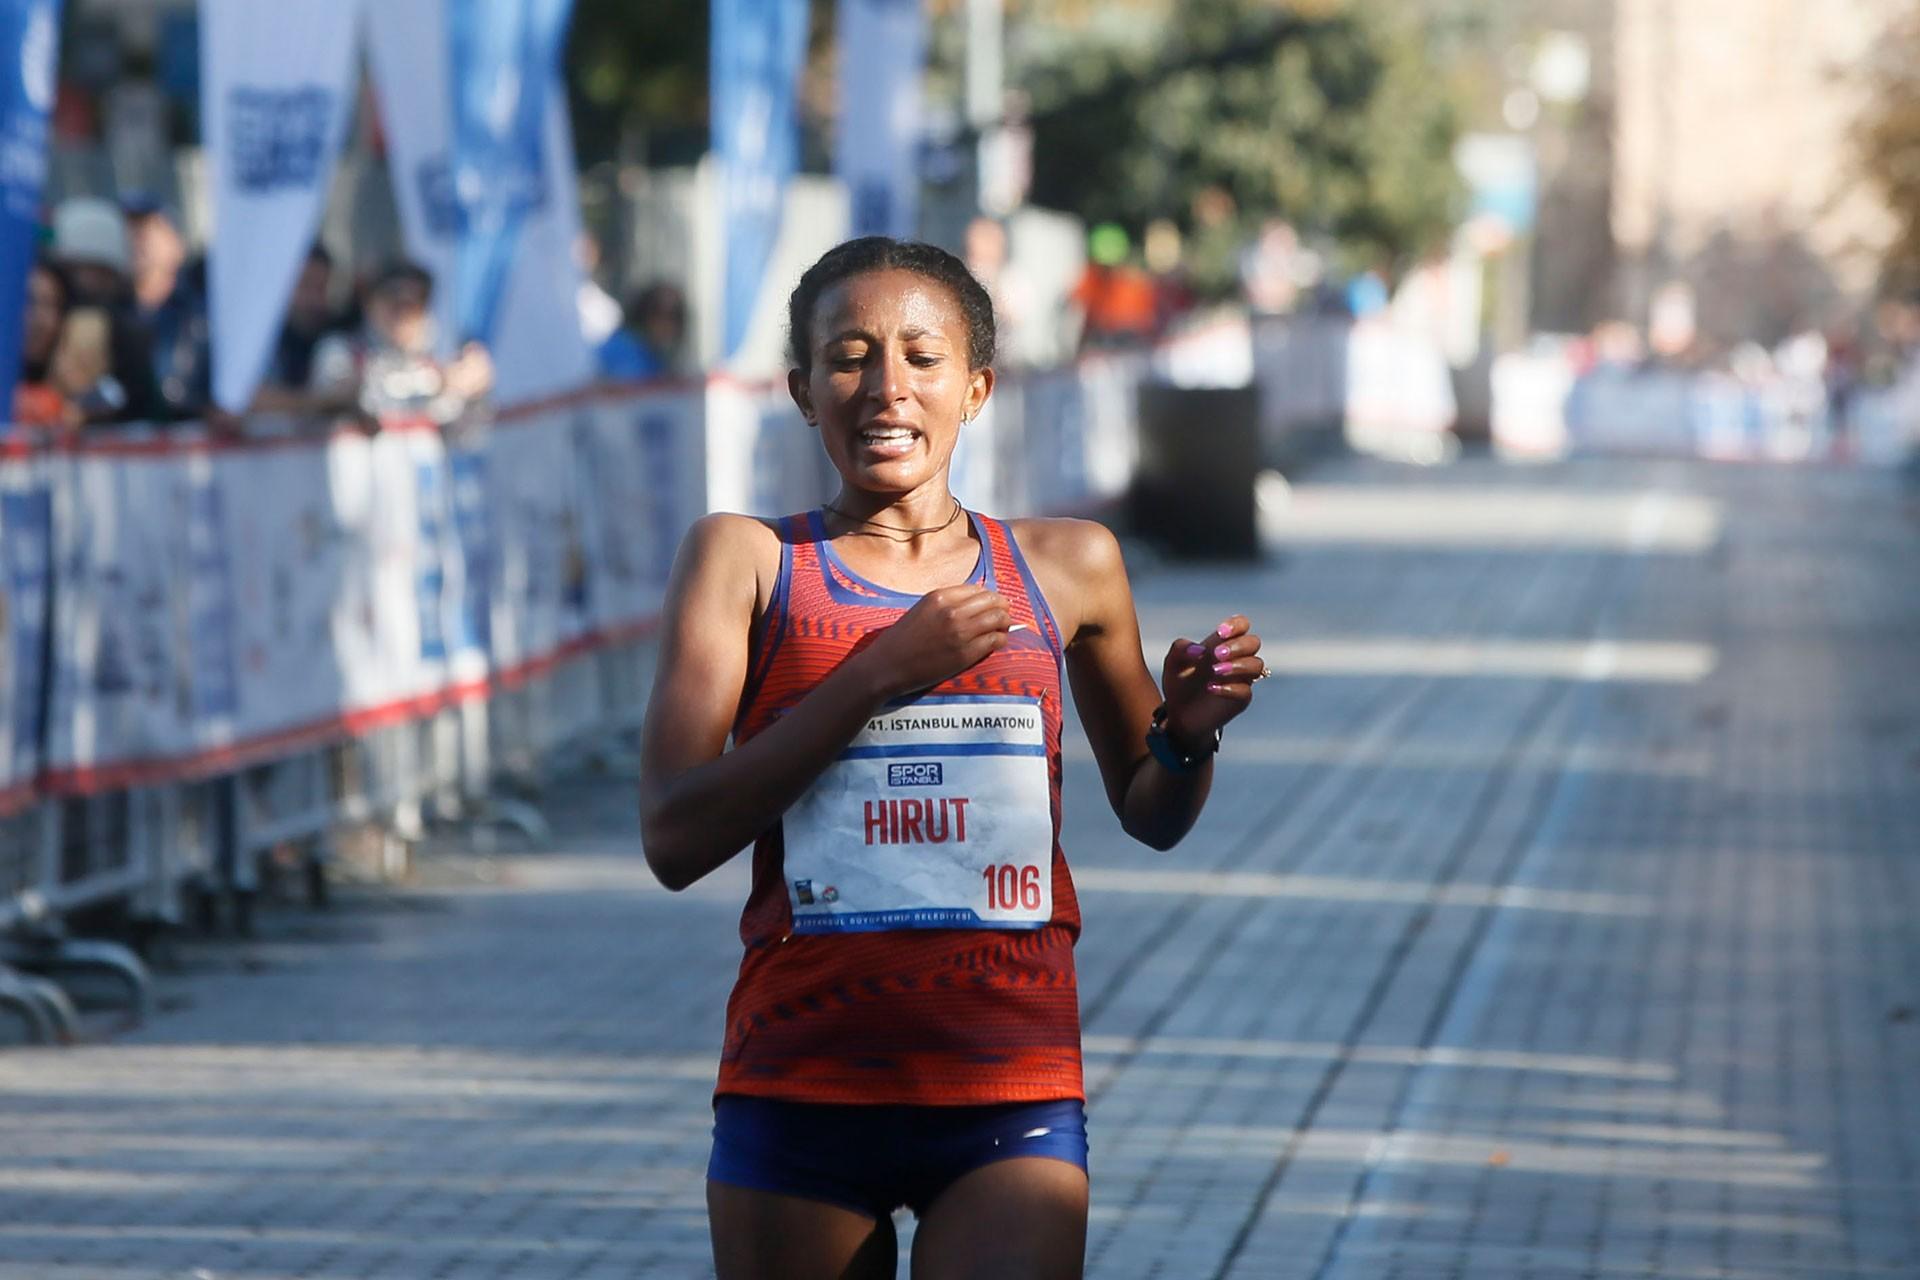 Etiyopyalı atlet Hirut Tibebu